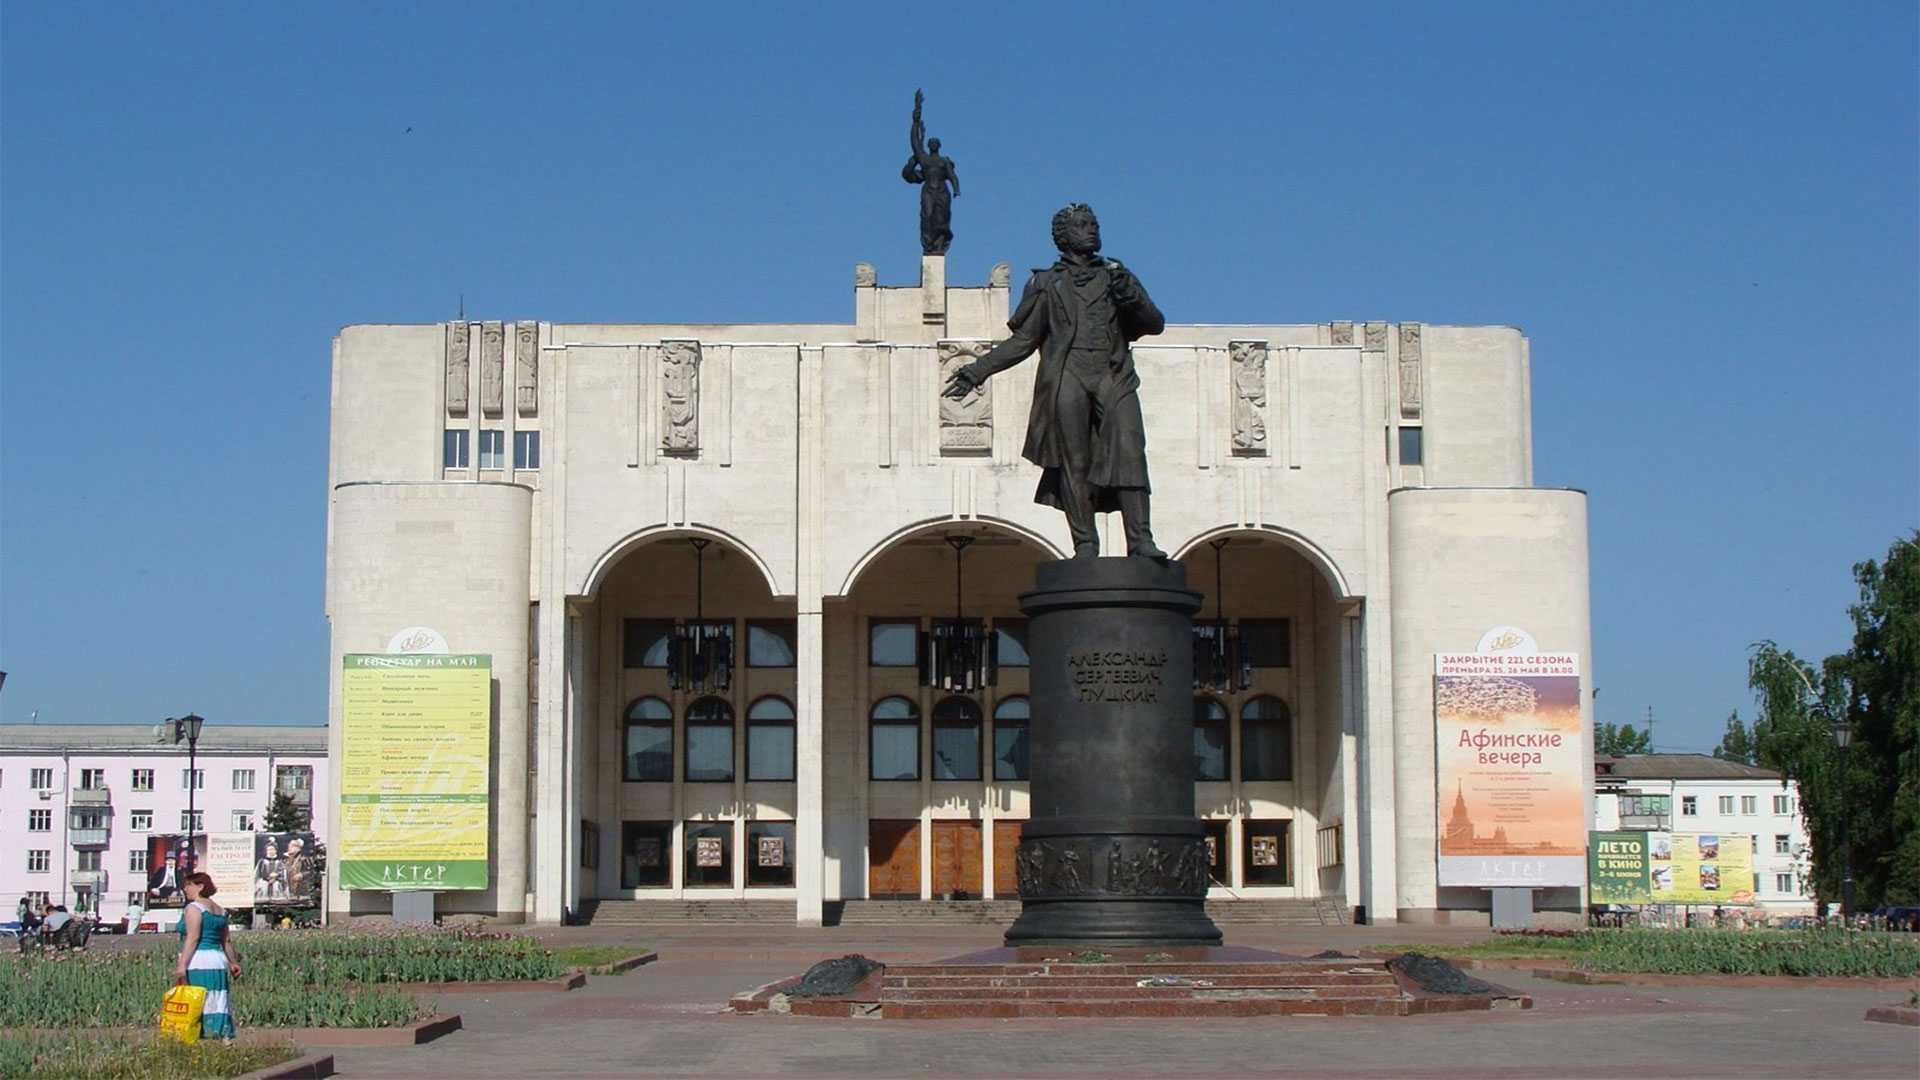 Курский Драматический Театр имени А. С. Пушкина